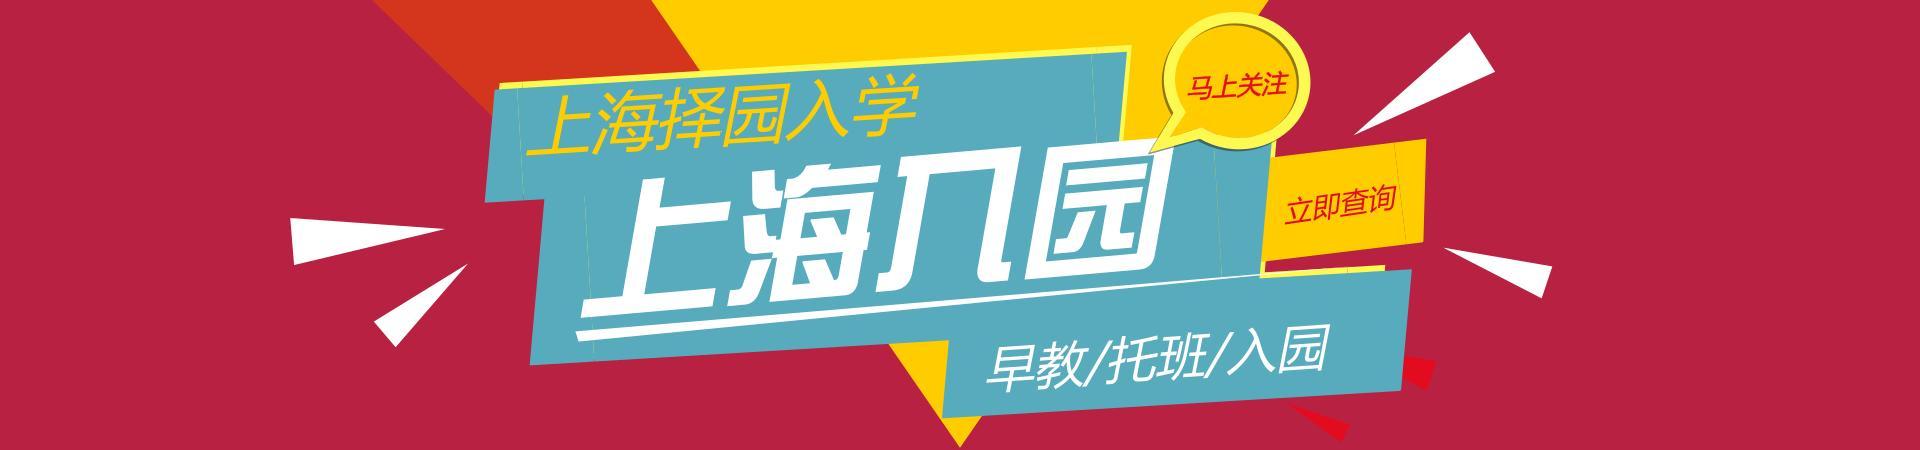 简介幼儿园,怒赞!上海竟有这一家绿色生态双语幼儿园!四季鲜花盛开,美极了